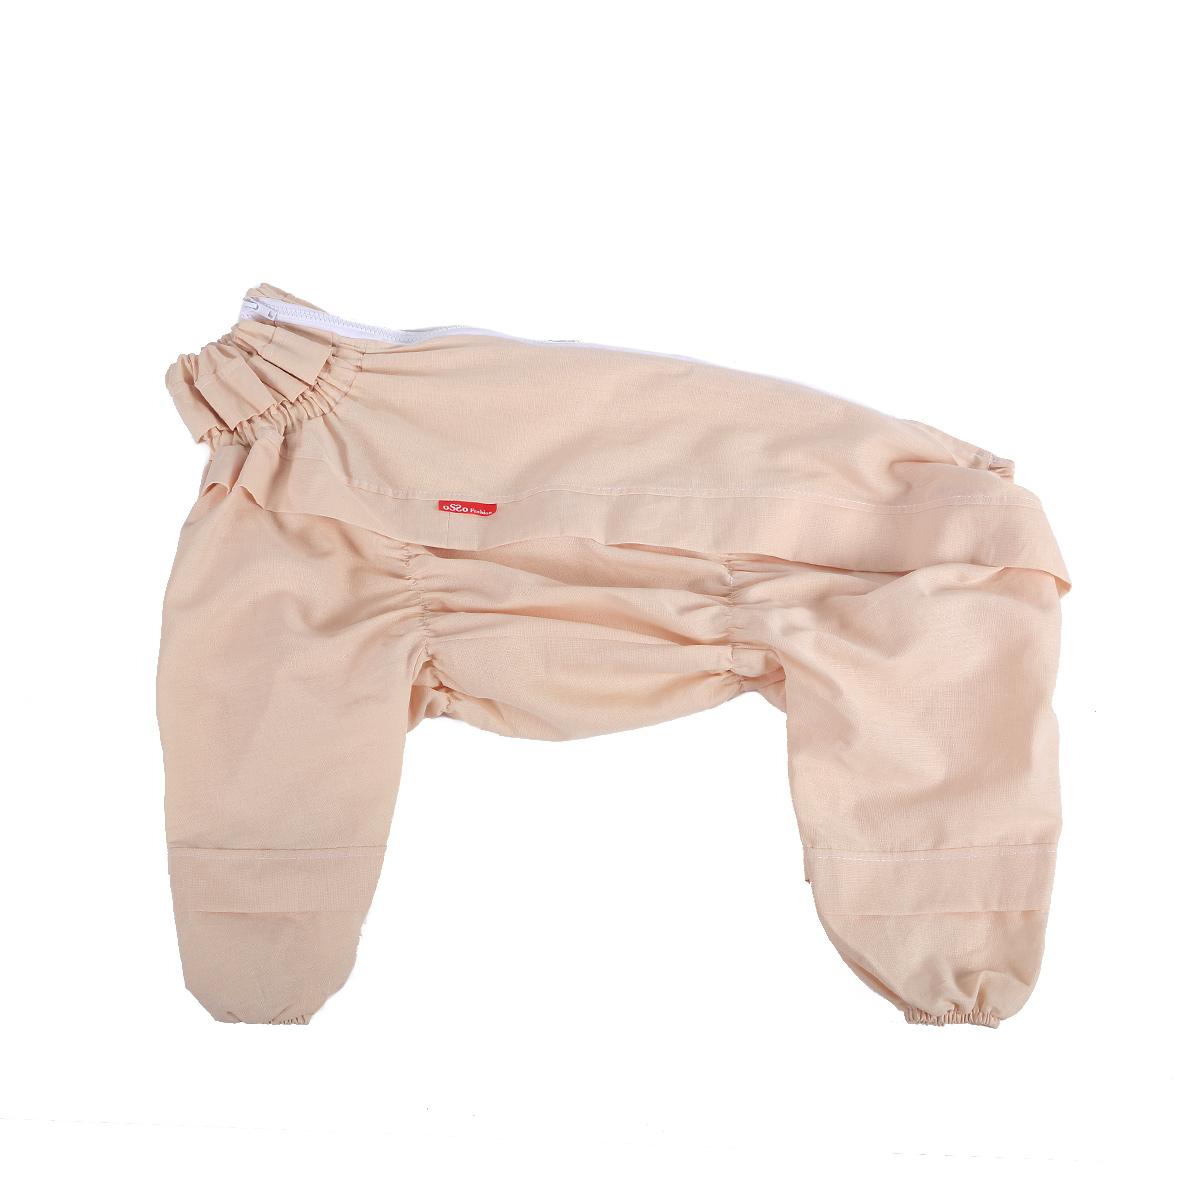 Комбинезон для собак OSSO Fashion, от клещей, для мальчика, цвет: бежевый. Размер 45Кк-1004Комбинезон для собак OSSO Fashion изготовлен из 100% хлопка, имеет светлую расцветку, на которой сразу будут заметны кровососущие насекомые. Комбинезон предназначен для защиты собак во время прогулок по парку и лесу. Разработан с учетом особенностей поведения клещей. На комбинезоне имеются складки-ловушки на груди, на штанинах, на боках комбинезона и на шее, которые преграждают движение насекомого вверх. Комбинезон очень легкий и удобный. Низ штанин на резинке, на спине застегивается на молнию.Длина спинки: 45 см. Объем груди: 60-76 см.Одежда для собак: нужна ли она и как её выбрать. Статья OZON Гид